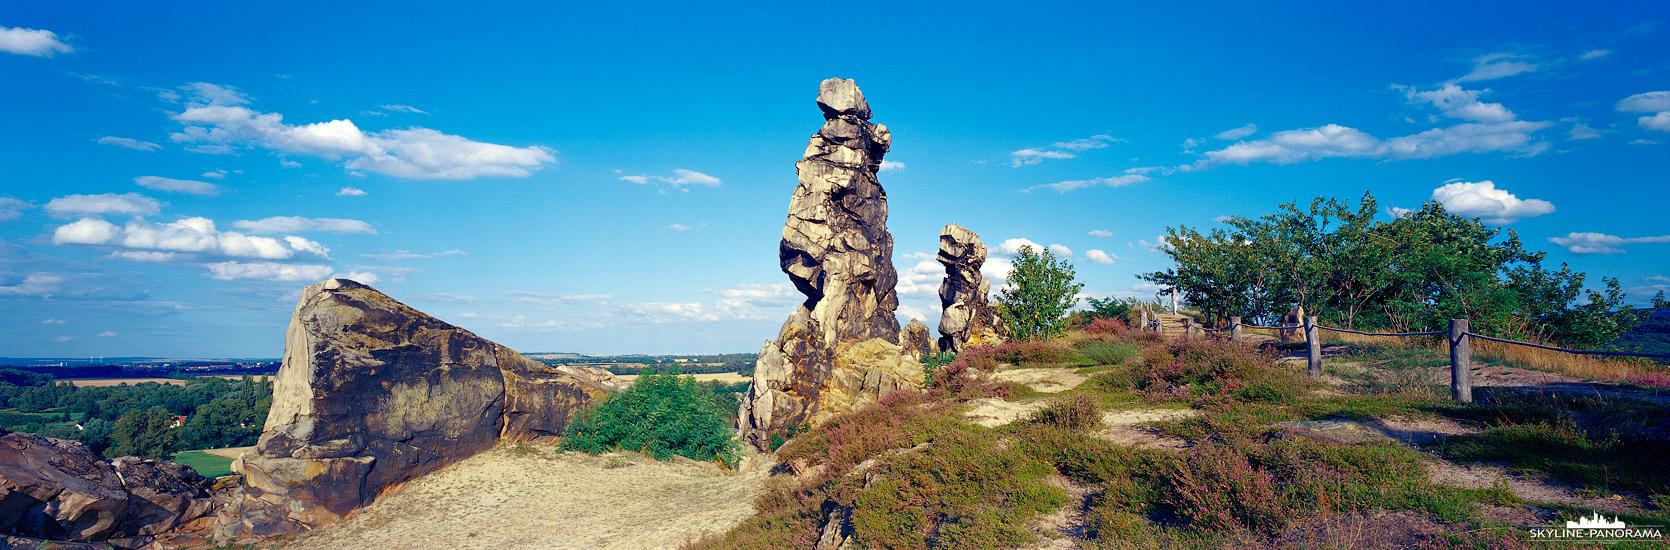 6x17 Panorama - Der Teufelsmauer-Stieg ist ein Wanderweg und führt direkt an der Teufelsmauer vorbei, auf dieser Aufnahme ist der Königstein bei Weddersleben als 6x17 Panorama zu sehen.